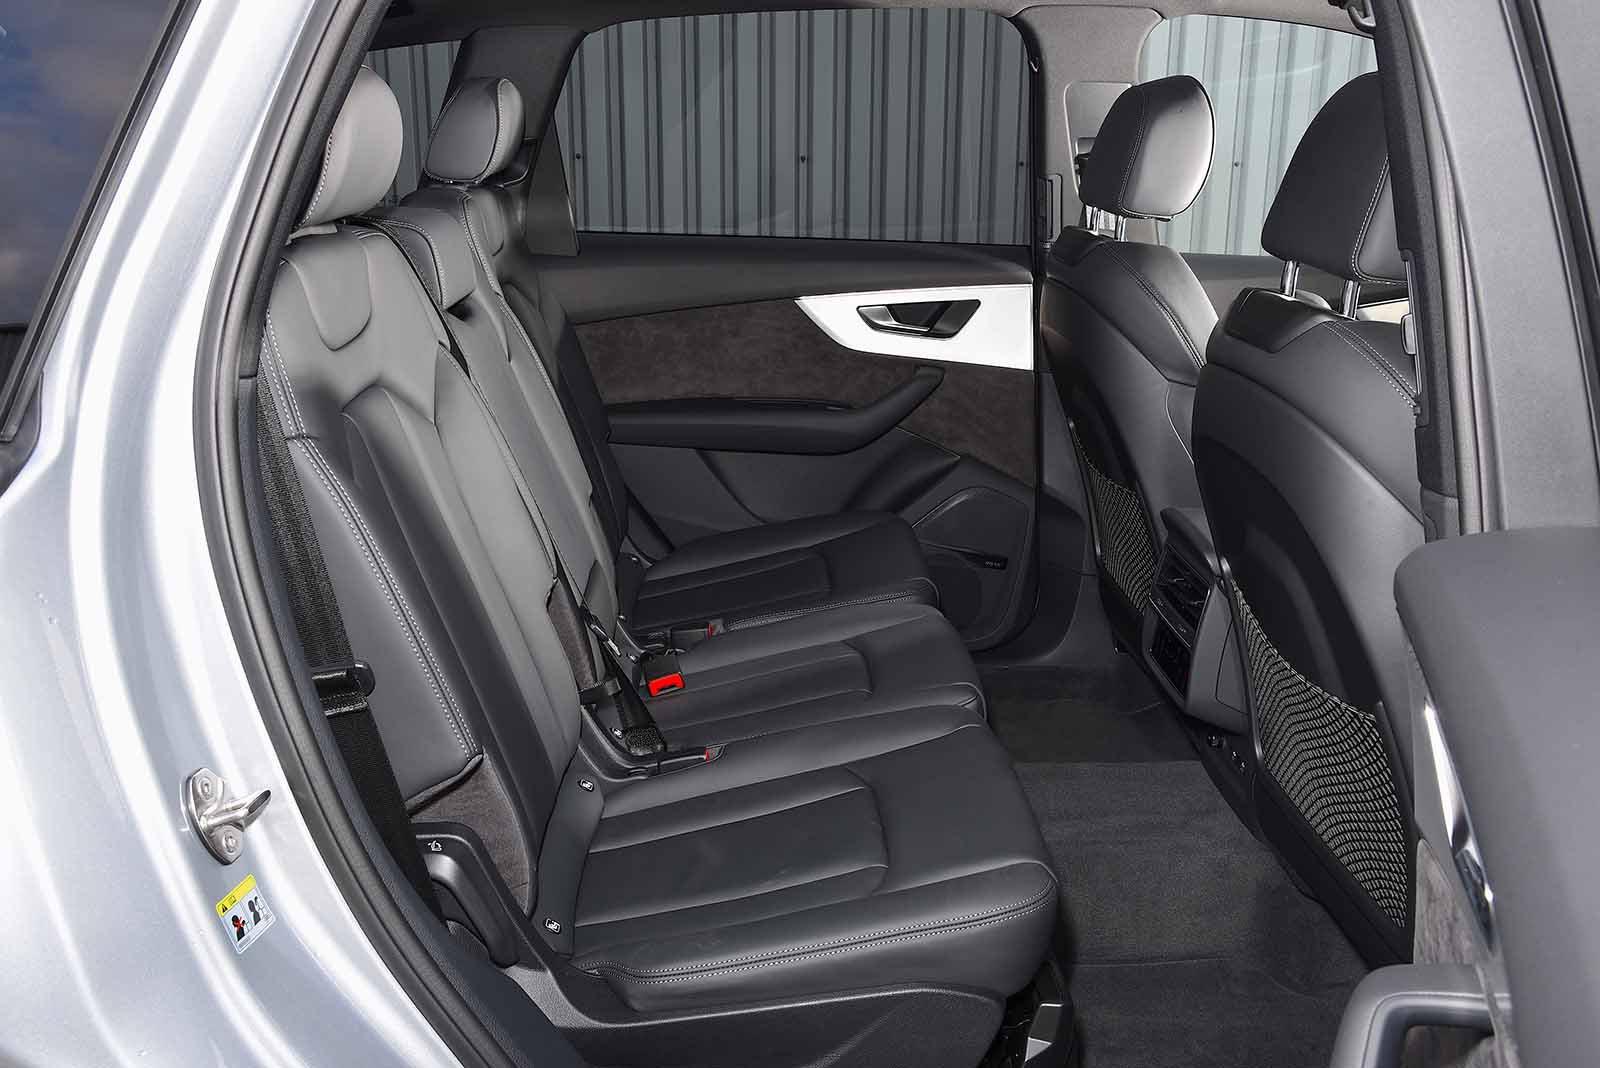 audi-q7-2020-rear-seats